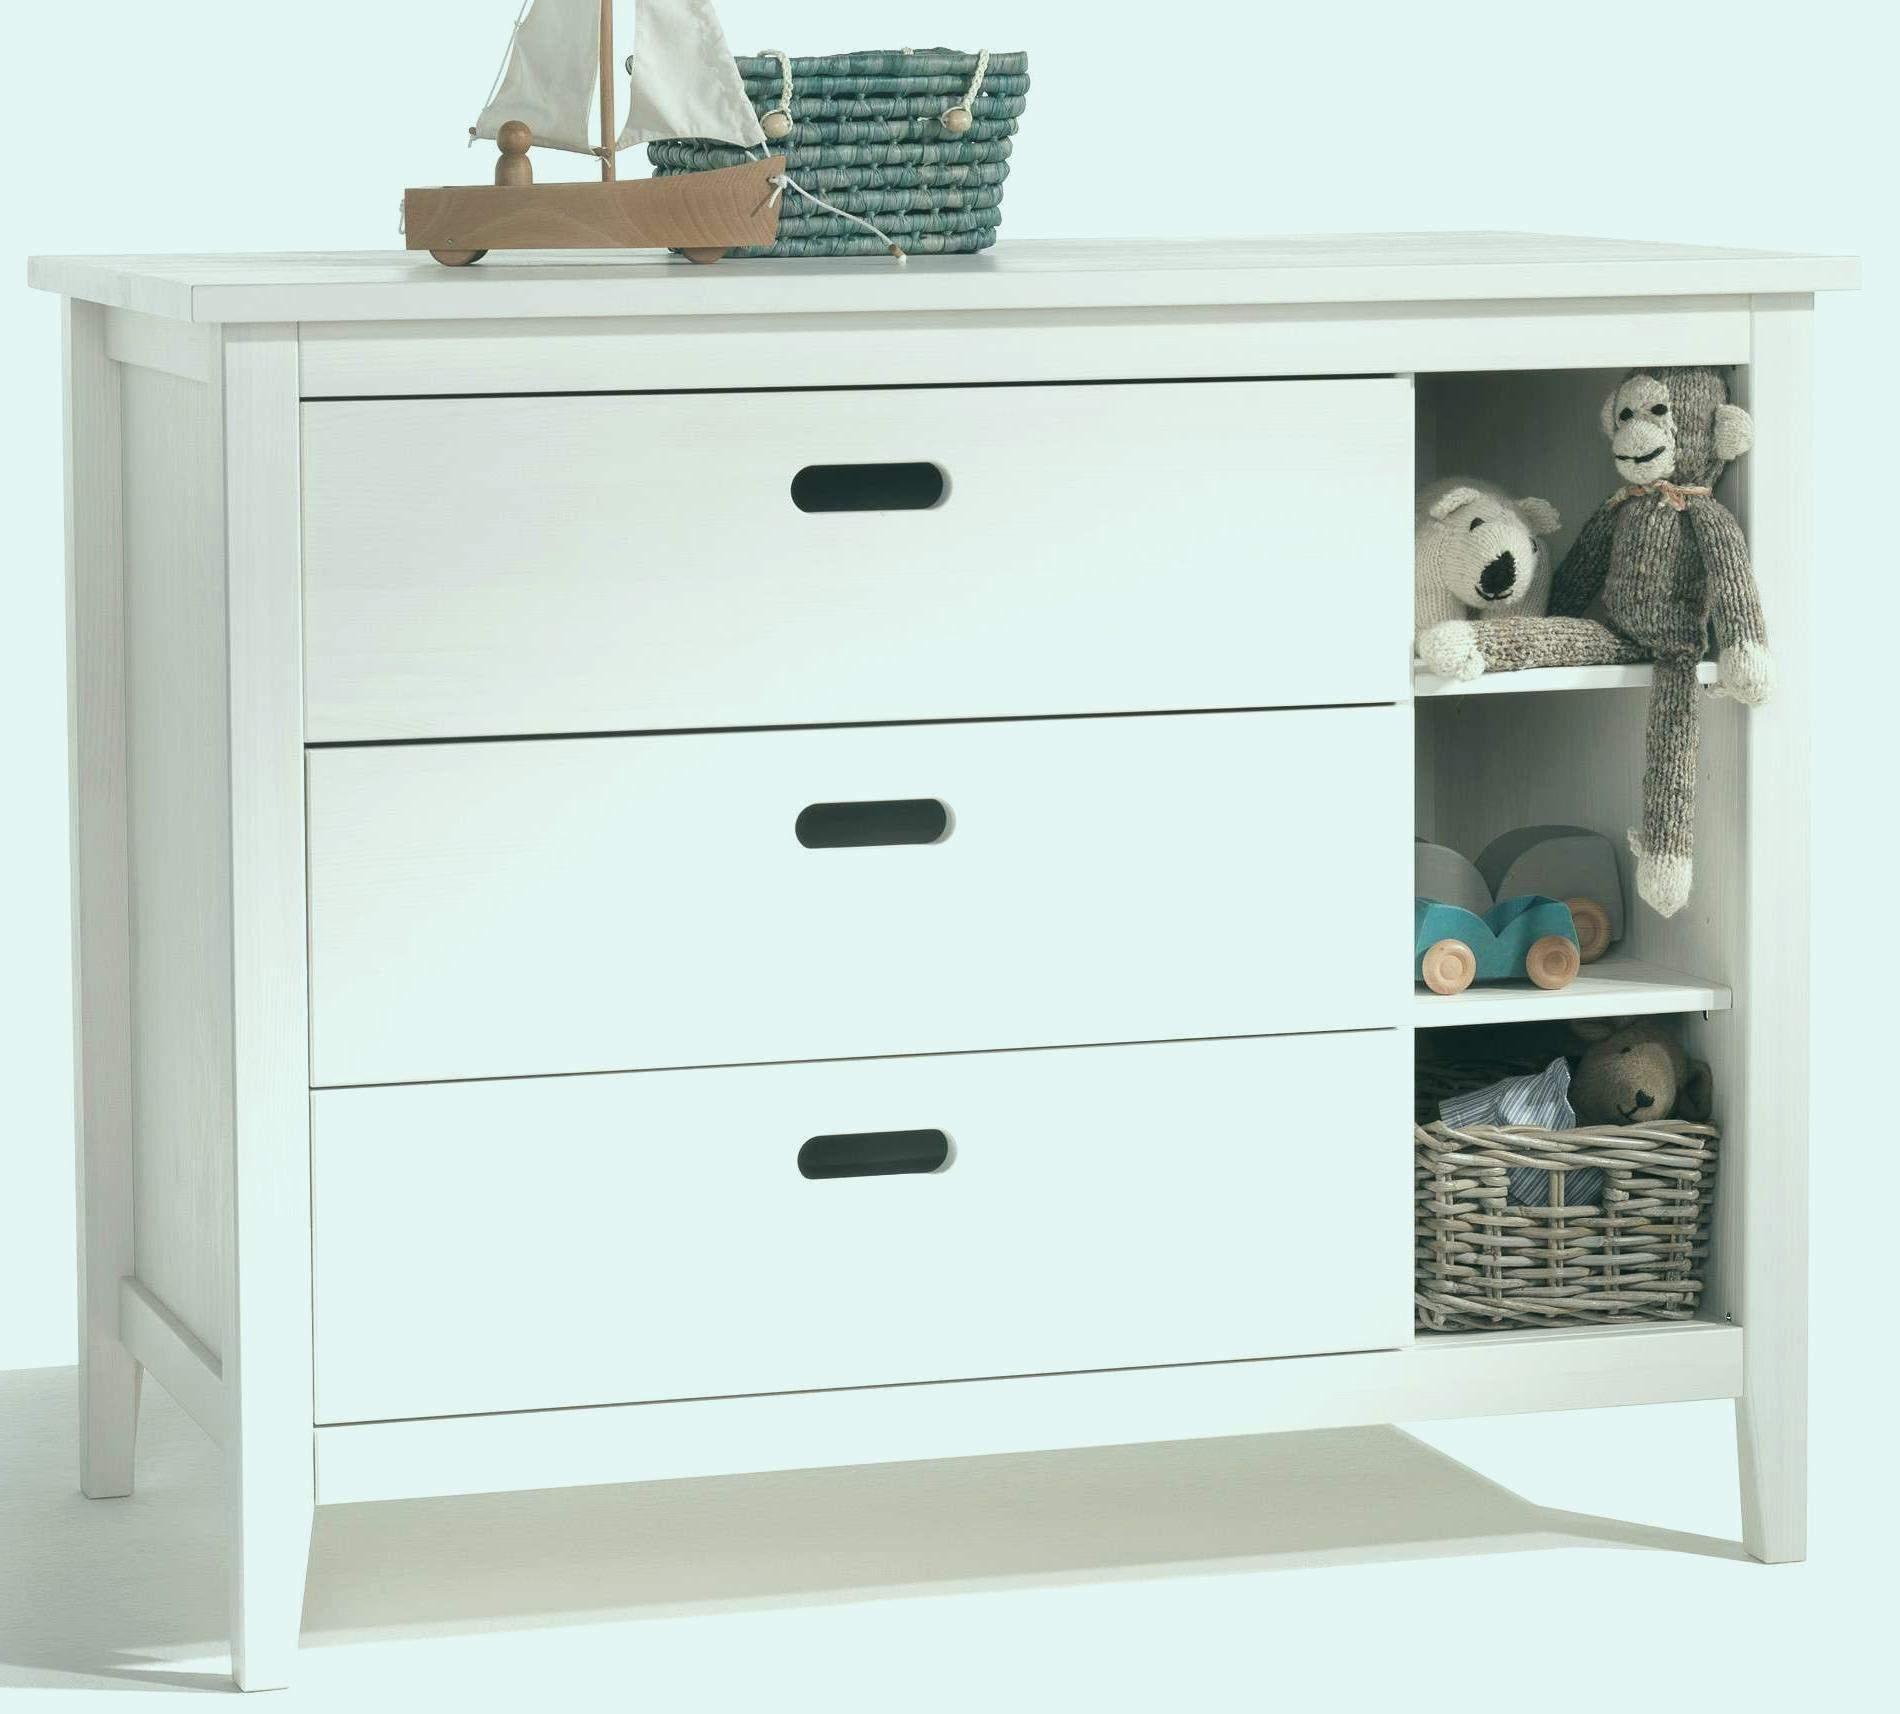 Wohnzimmer Vitrinen Ikea